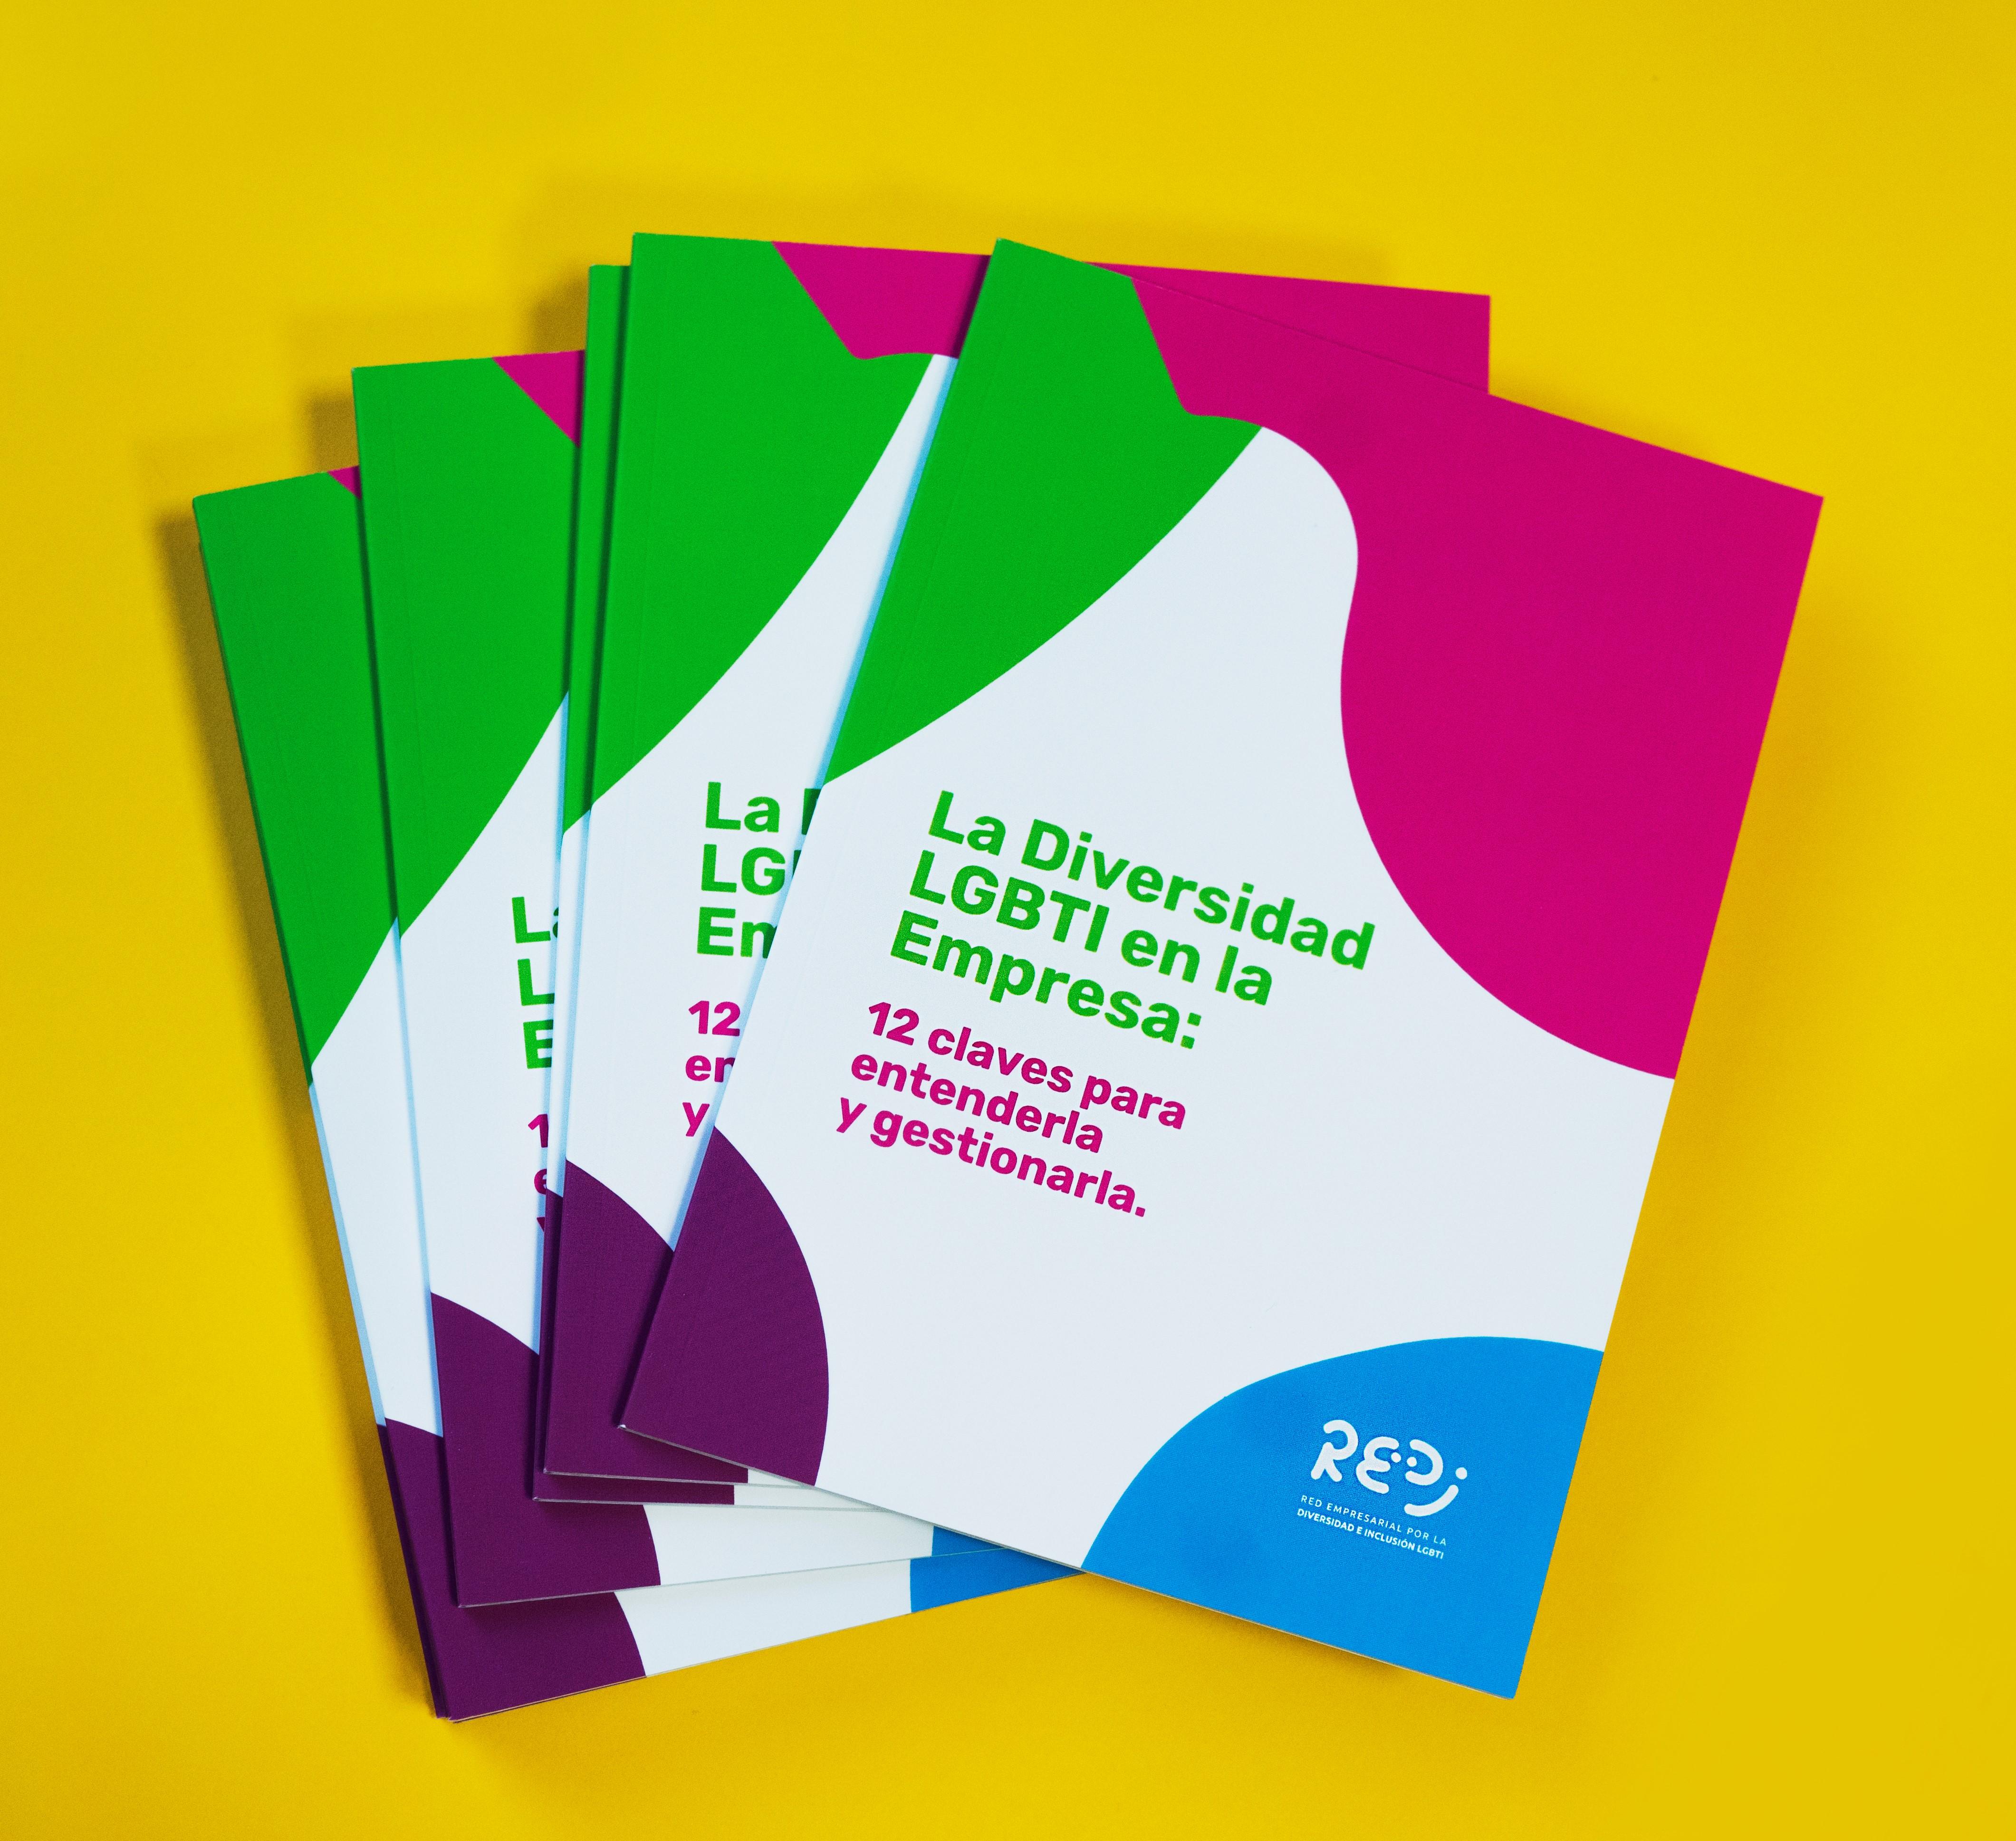 Publicación La Diversidad LGBTI en la empresa. 12 claves para entenderla.